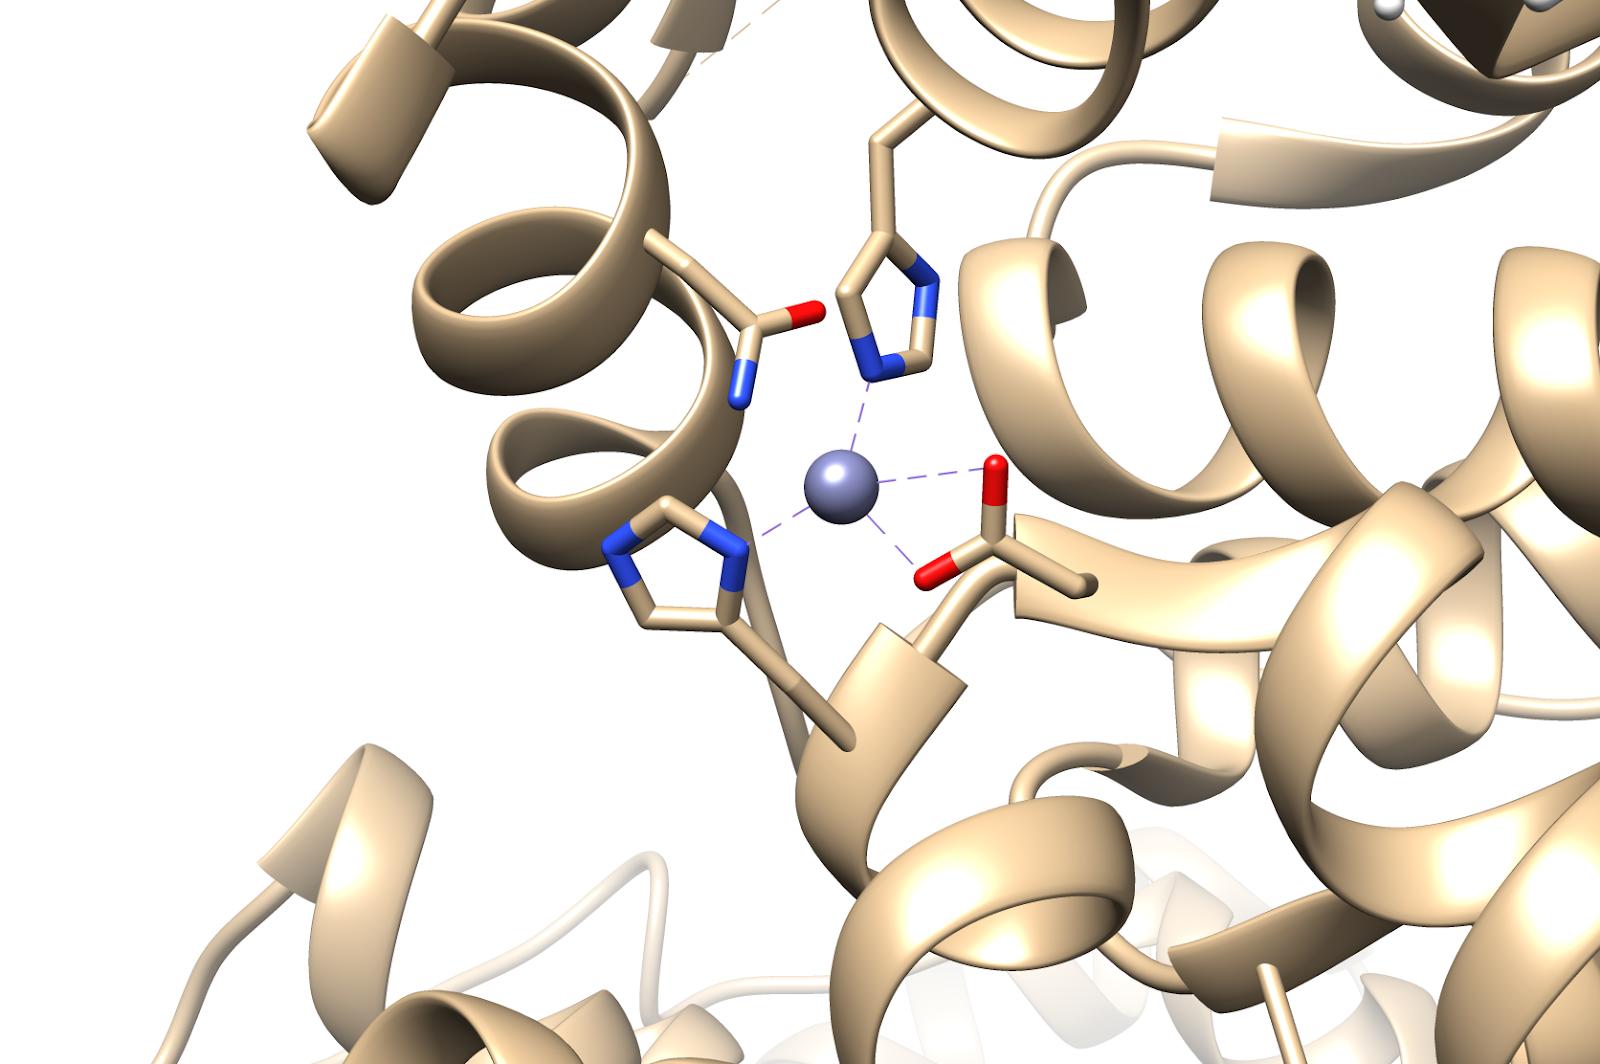 Zn(II)bindingsite.png